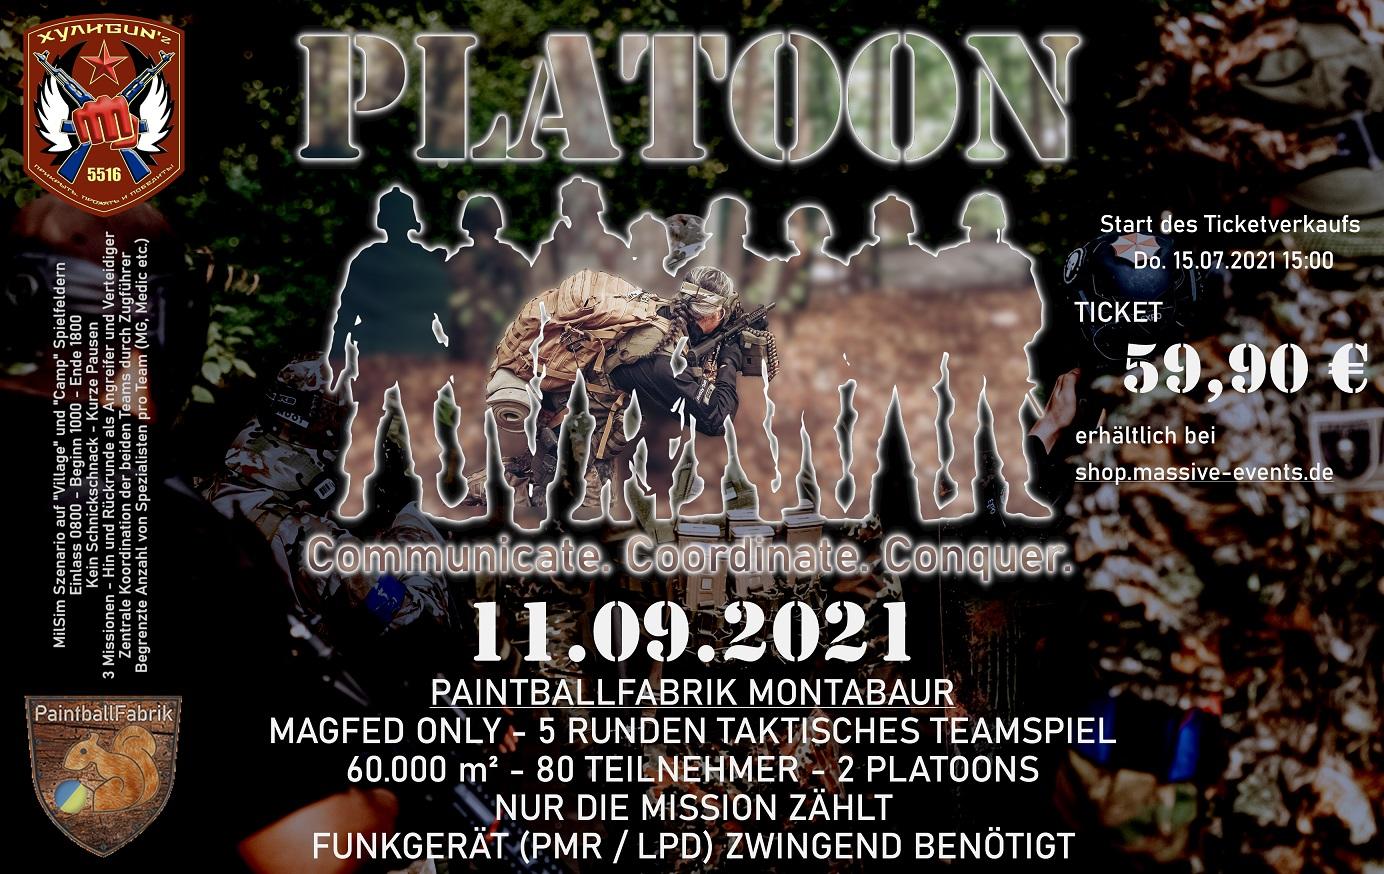 Platoon II - REDFOR